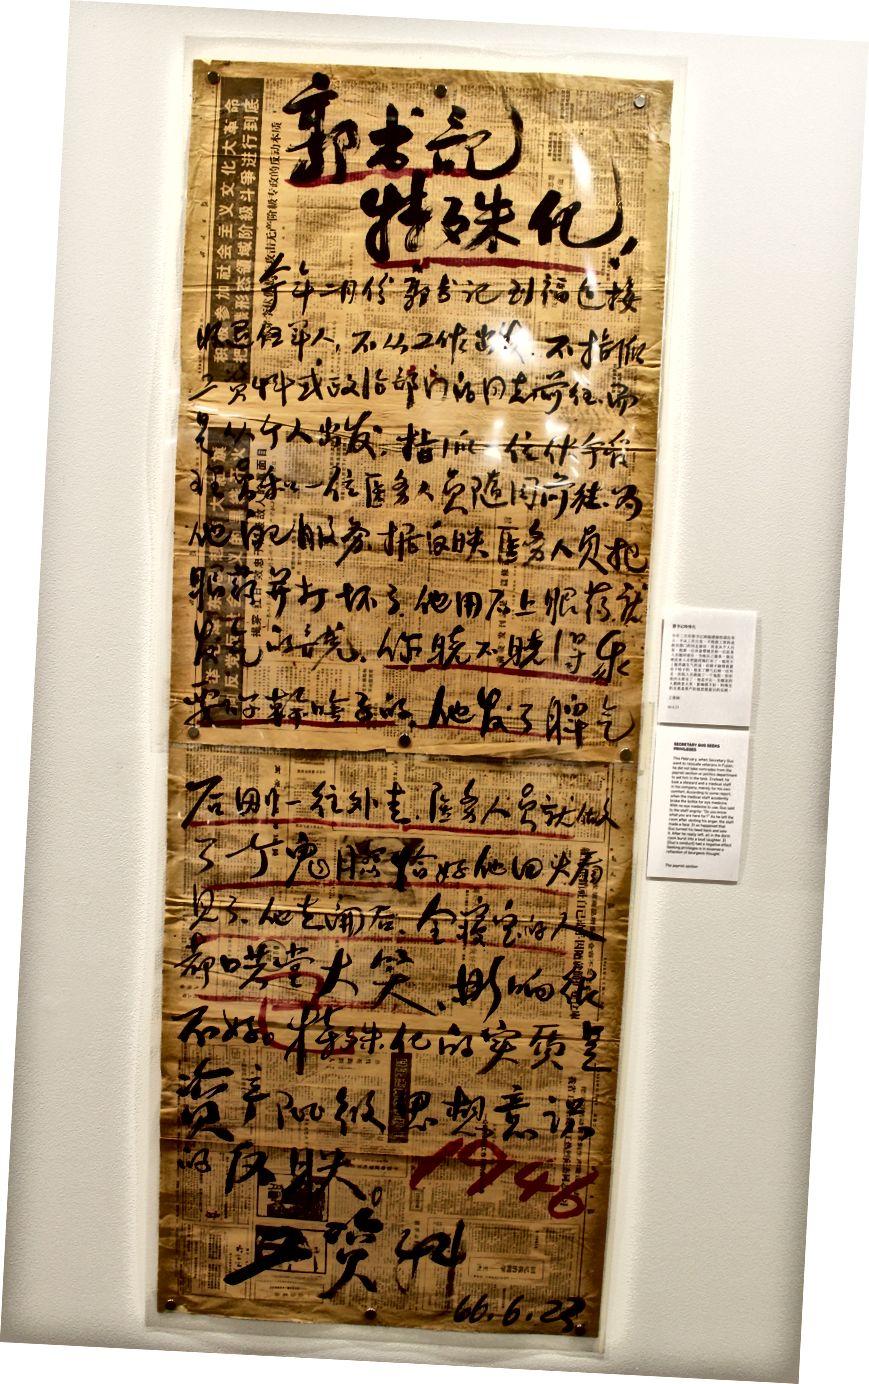 Այս Dazibao- ն գրել է «Աշխատավարձային բաժին» թերթի կողմից 1968 թ.-ի հունիսի 23-ից թերթի վրա: Dazibao- ն կրում է «քարտուղար Գուոն փախստականներ է փնտրում» («郭书记 特殊化») վերնագրով, իսկ վերջին տողում ասում է. «Արտոնություններ փնտրելը իրականում է: բուրժուական մտքի արտացոլում »(« 特殊化 的 实质 是 思想意识 思想意识 的 »):